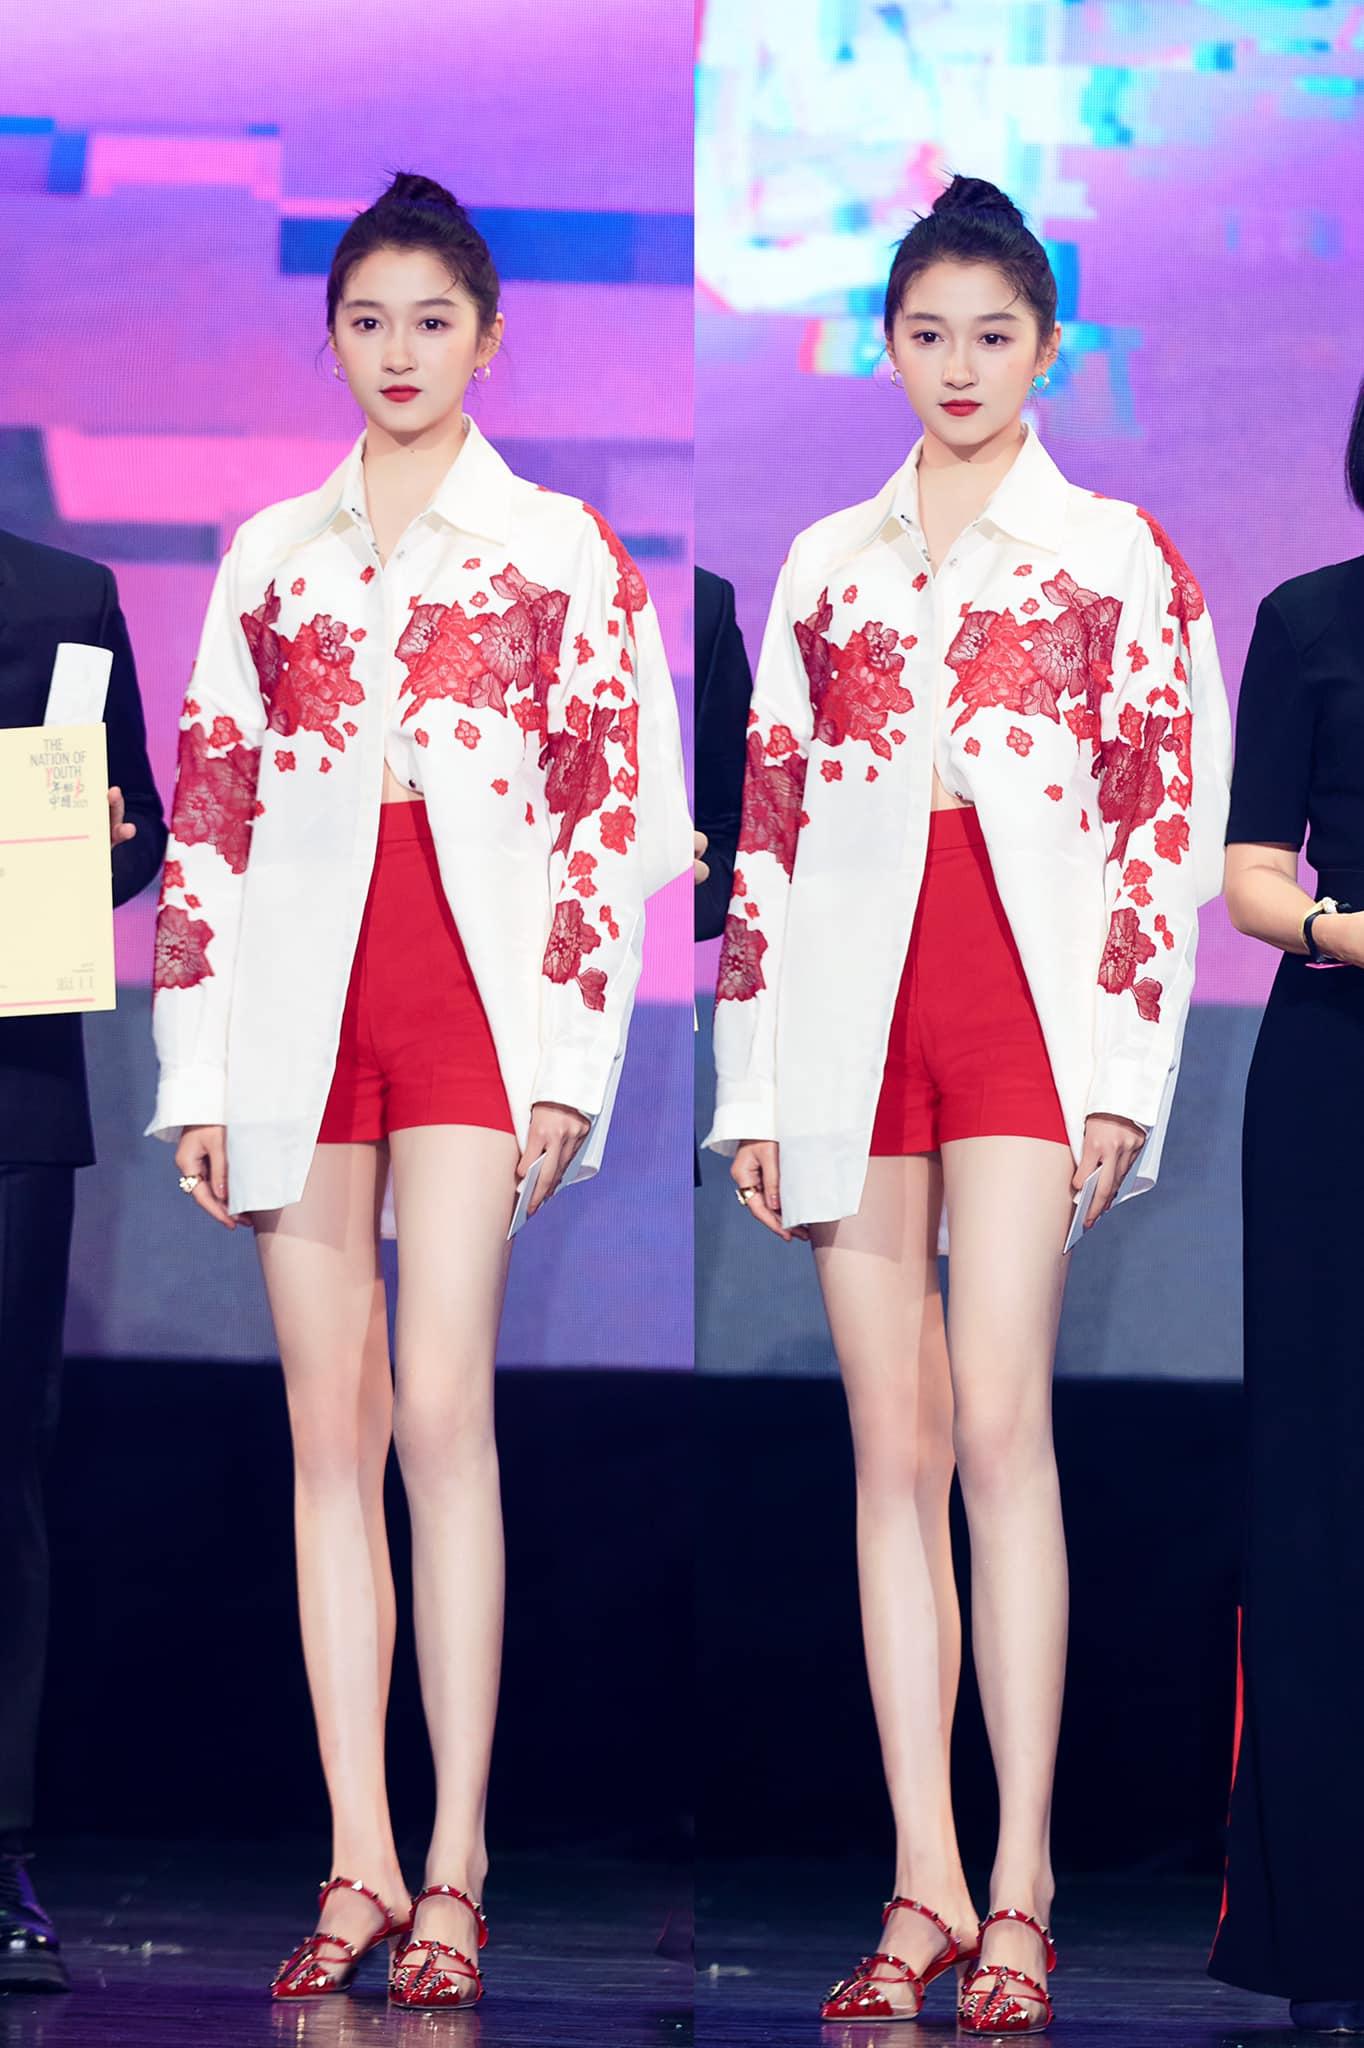 Son Ye Jin đại chiến Quan Hiểu Đồng khi diện áo na ná: Chị Đẹp lên đồ dìm dáng, mờ nhạt hơn hẳn bạn gái Luhan - Ảnh 6.